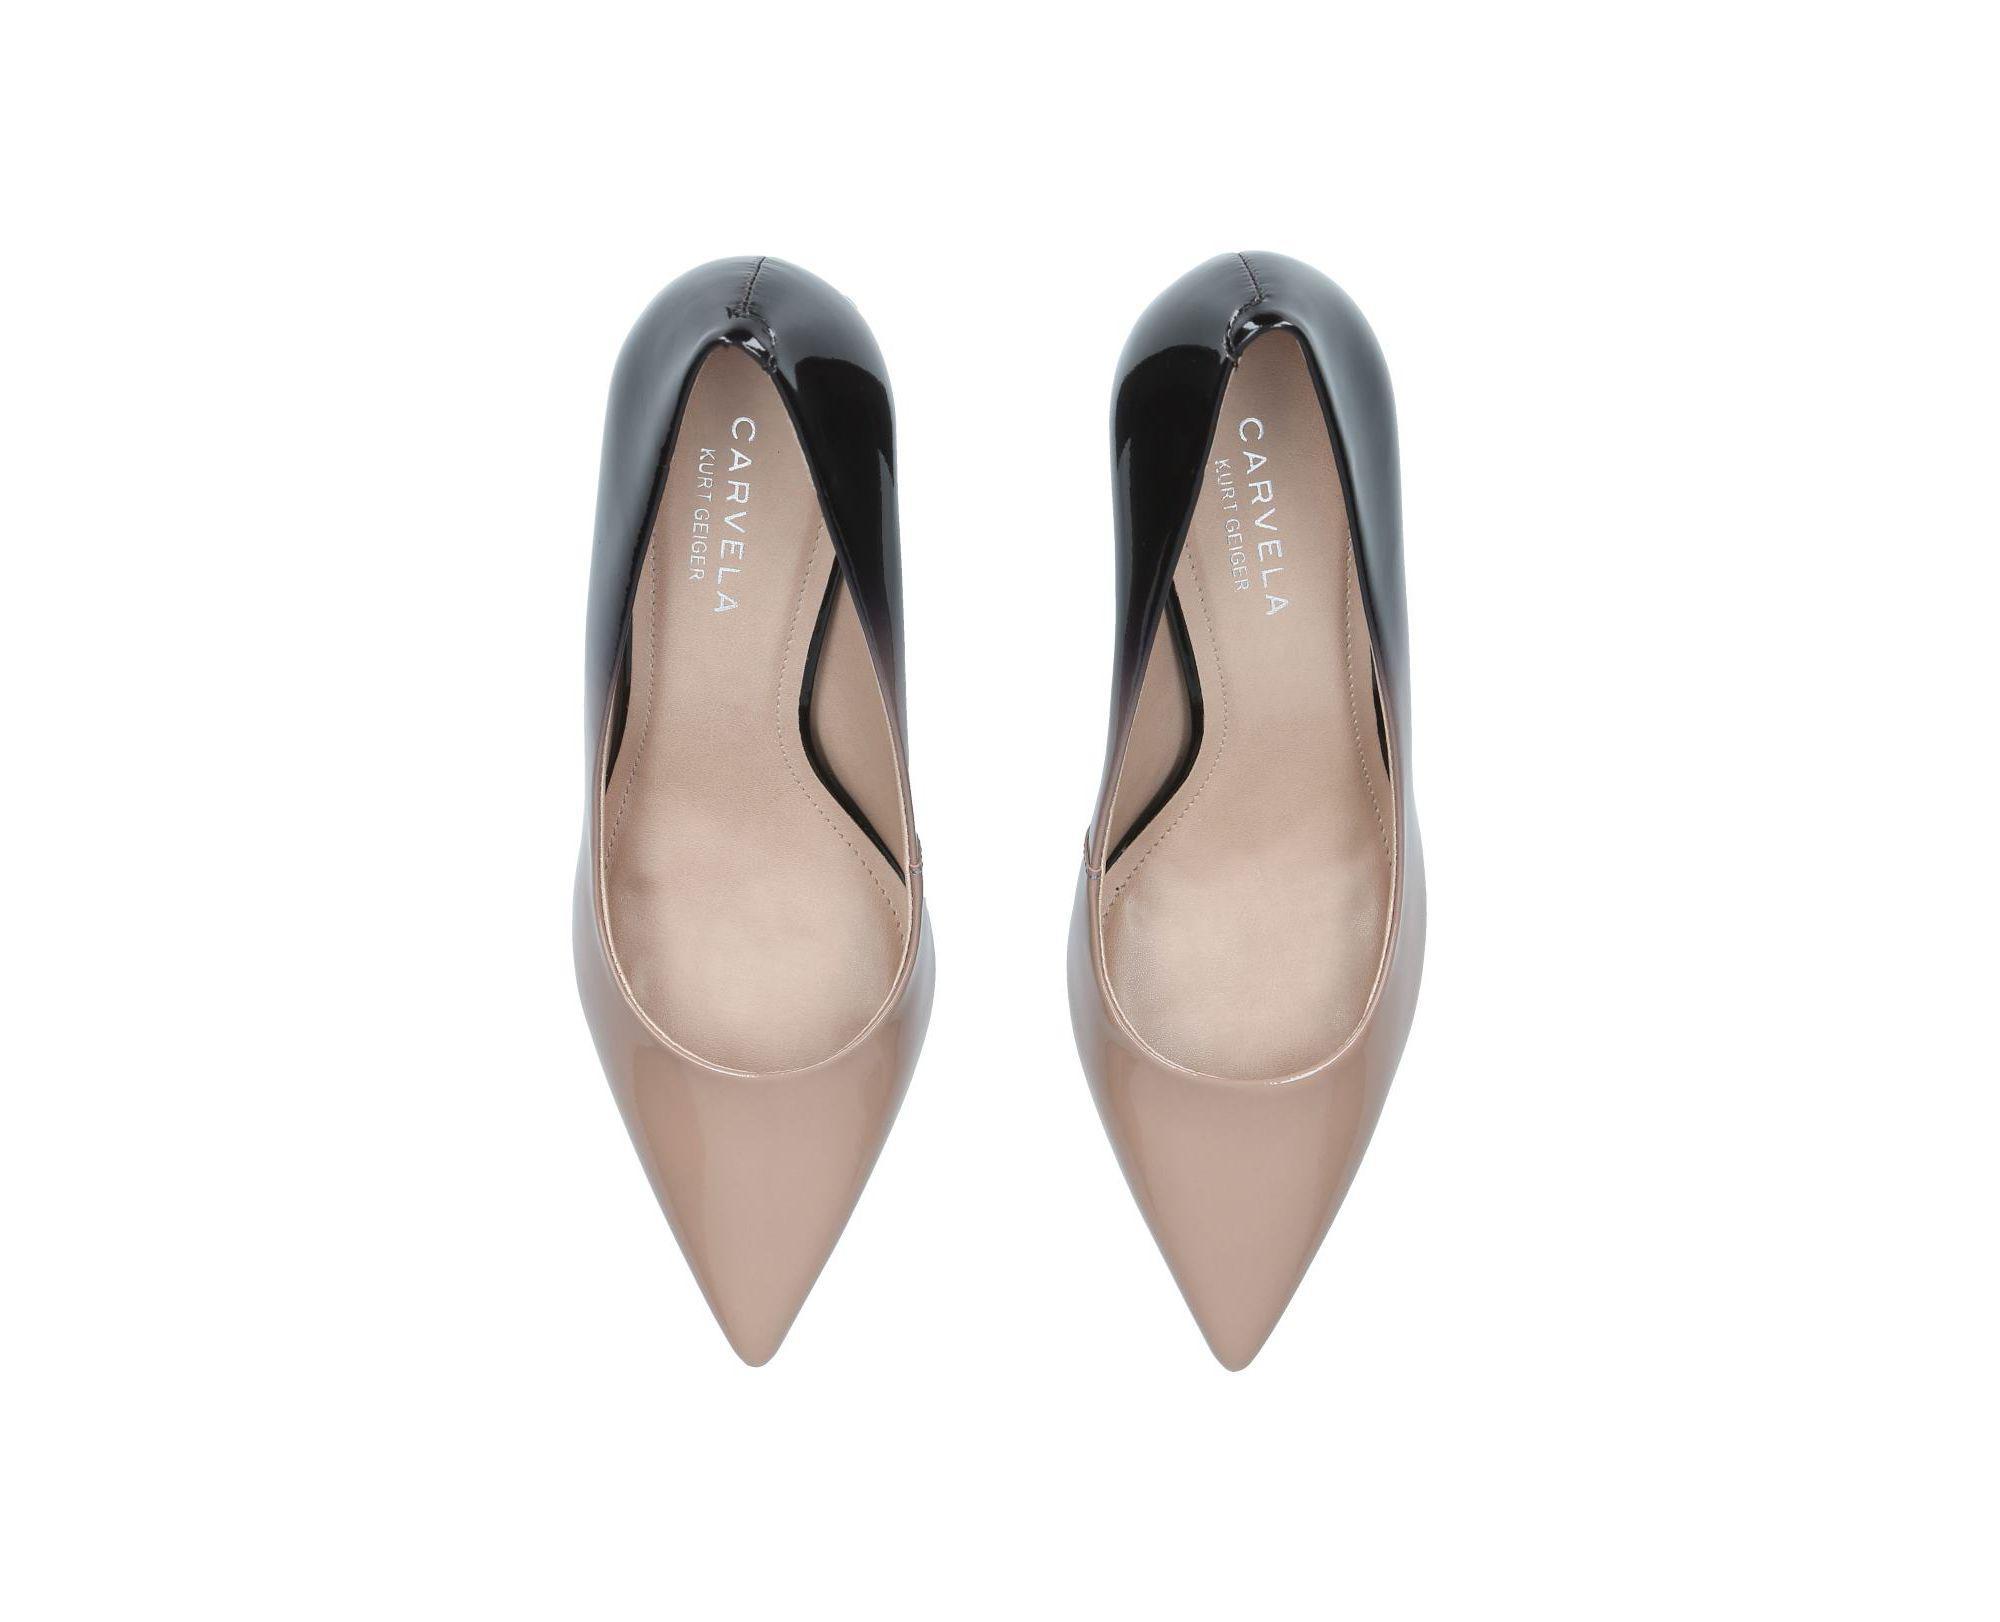 a17b4255ac79 Carvela Kurt Geiger Nude  albert  Block Heel Court Shoes in Natural ...